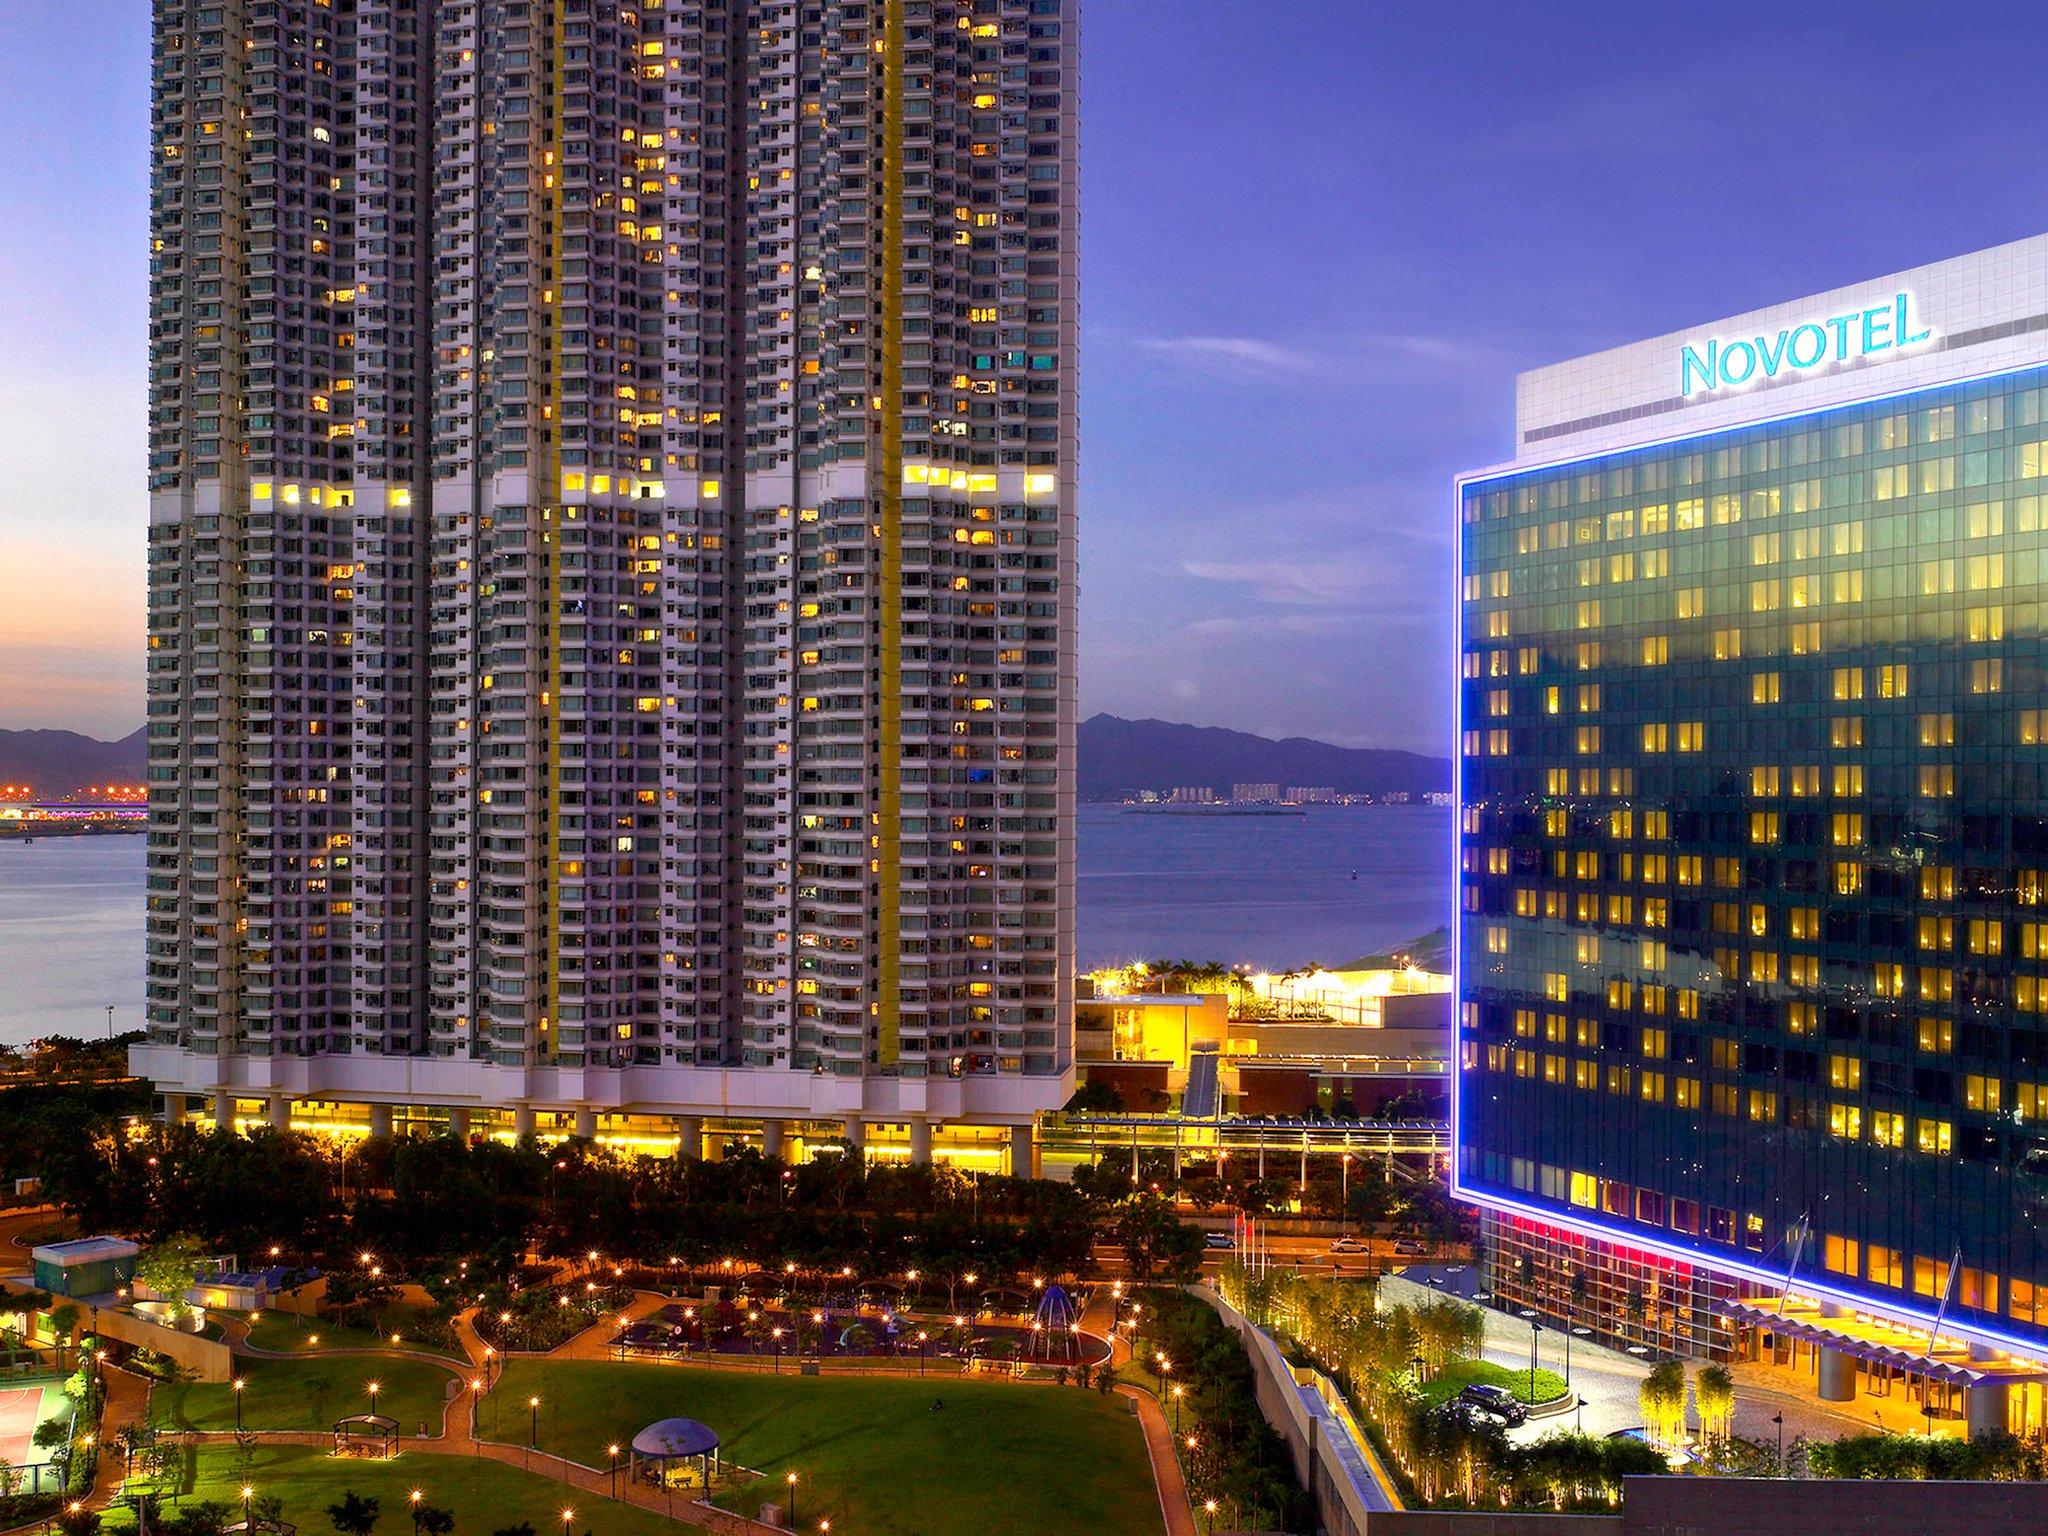 โรงแรมโนโวเทล ซิตี้เกท ฮ่องกง